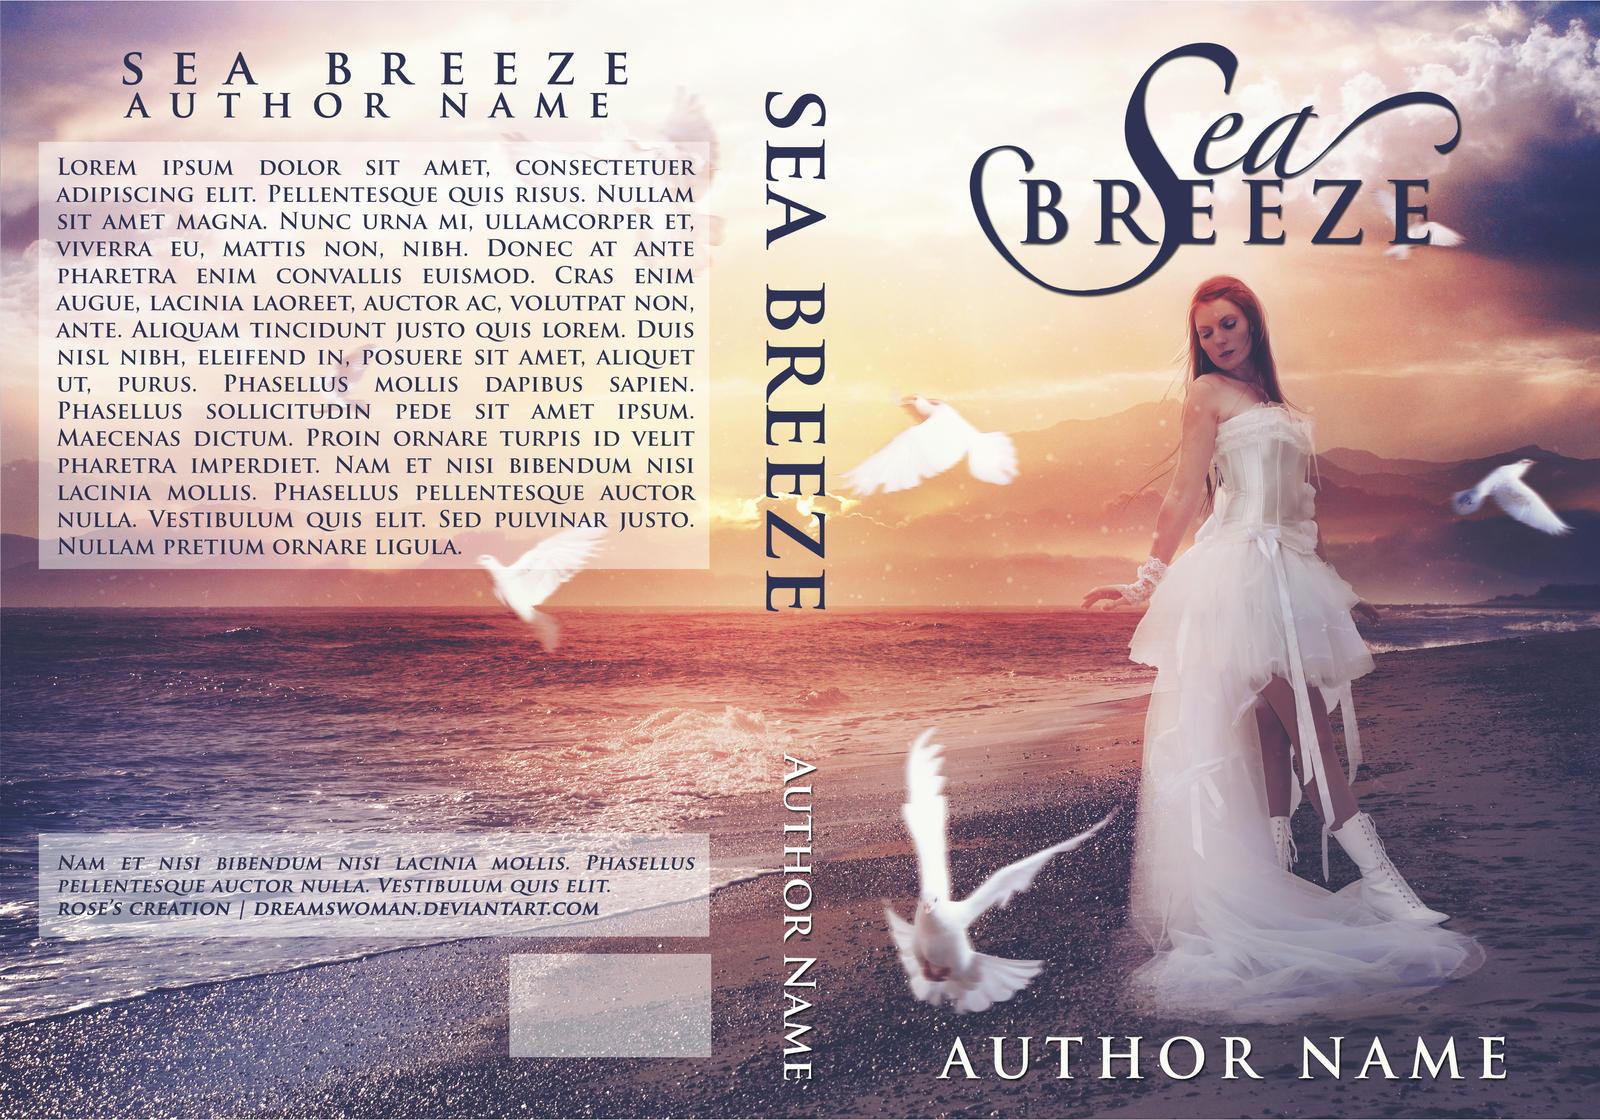 Sea Breeze by dreamswoman